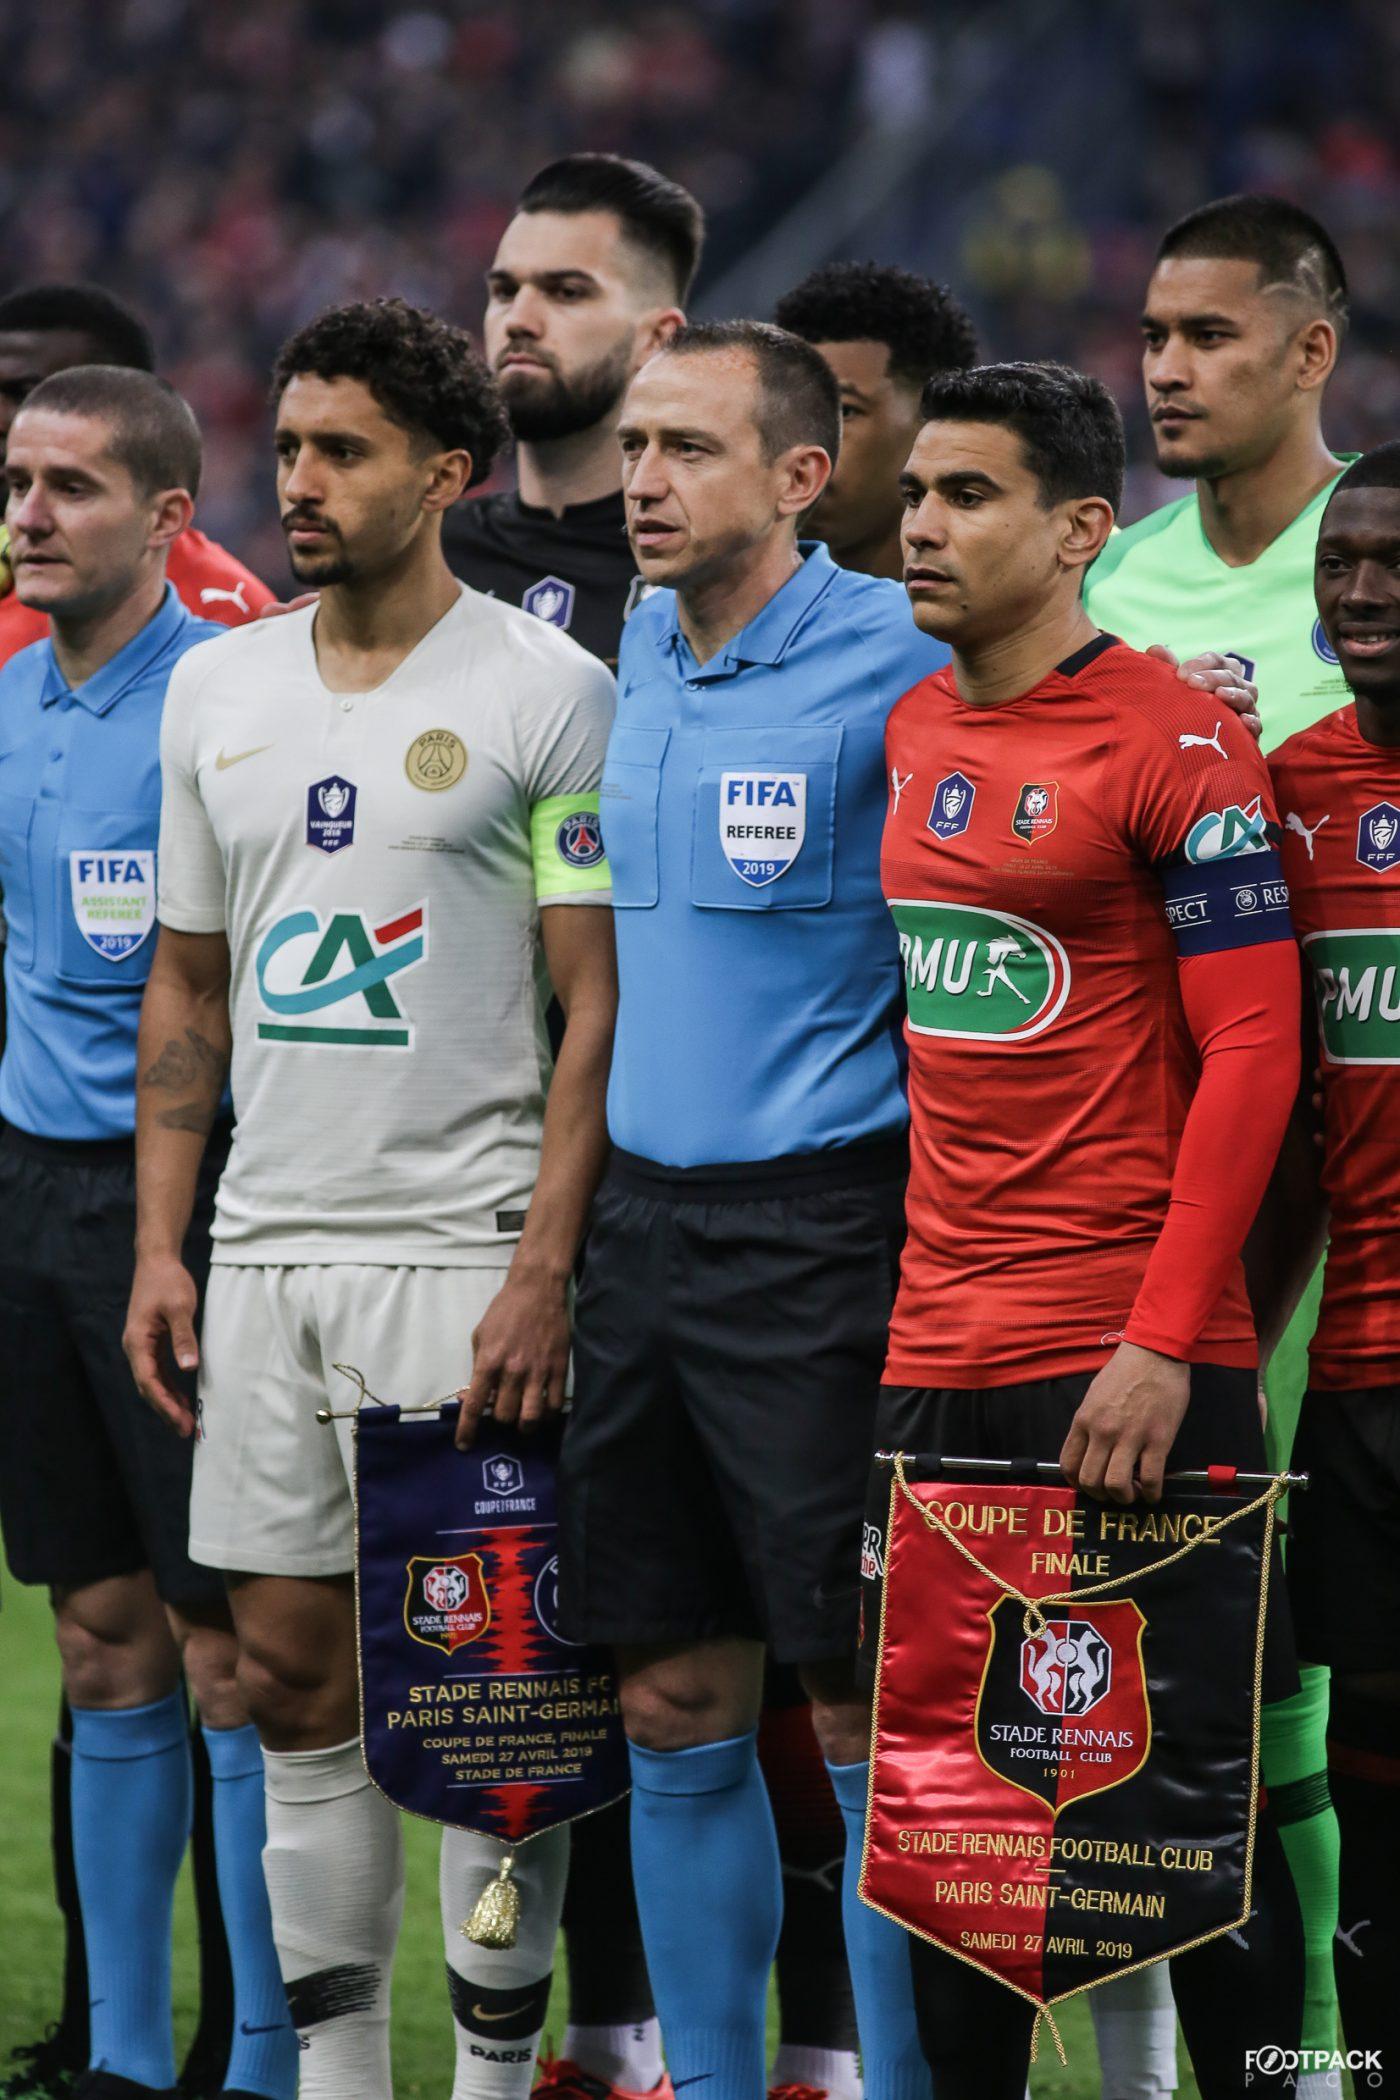 finale-coupe-de-france-2019-rennes-paris-saint-germain-76